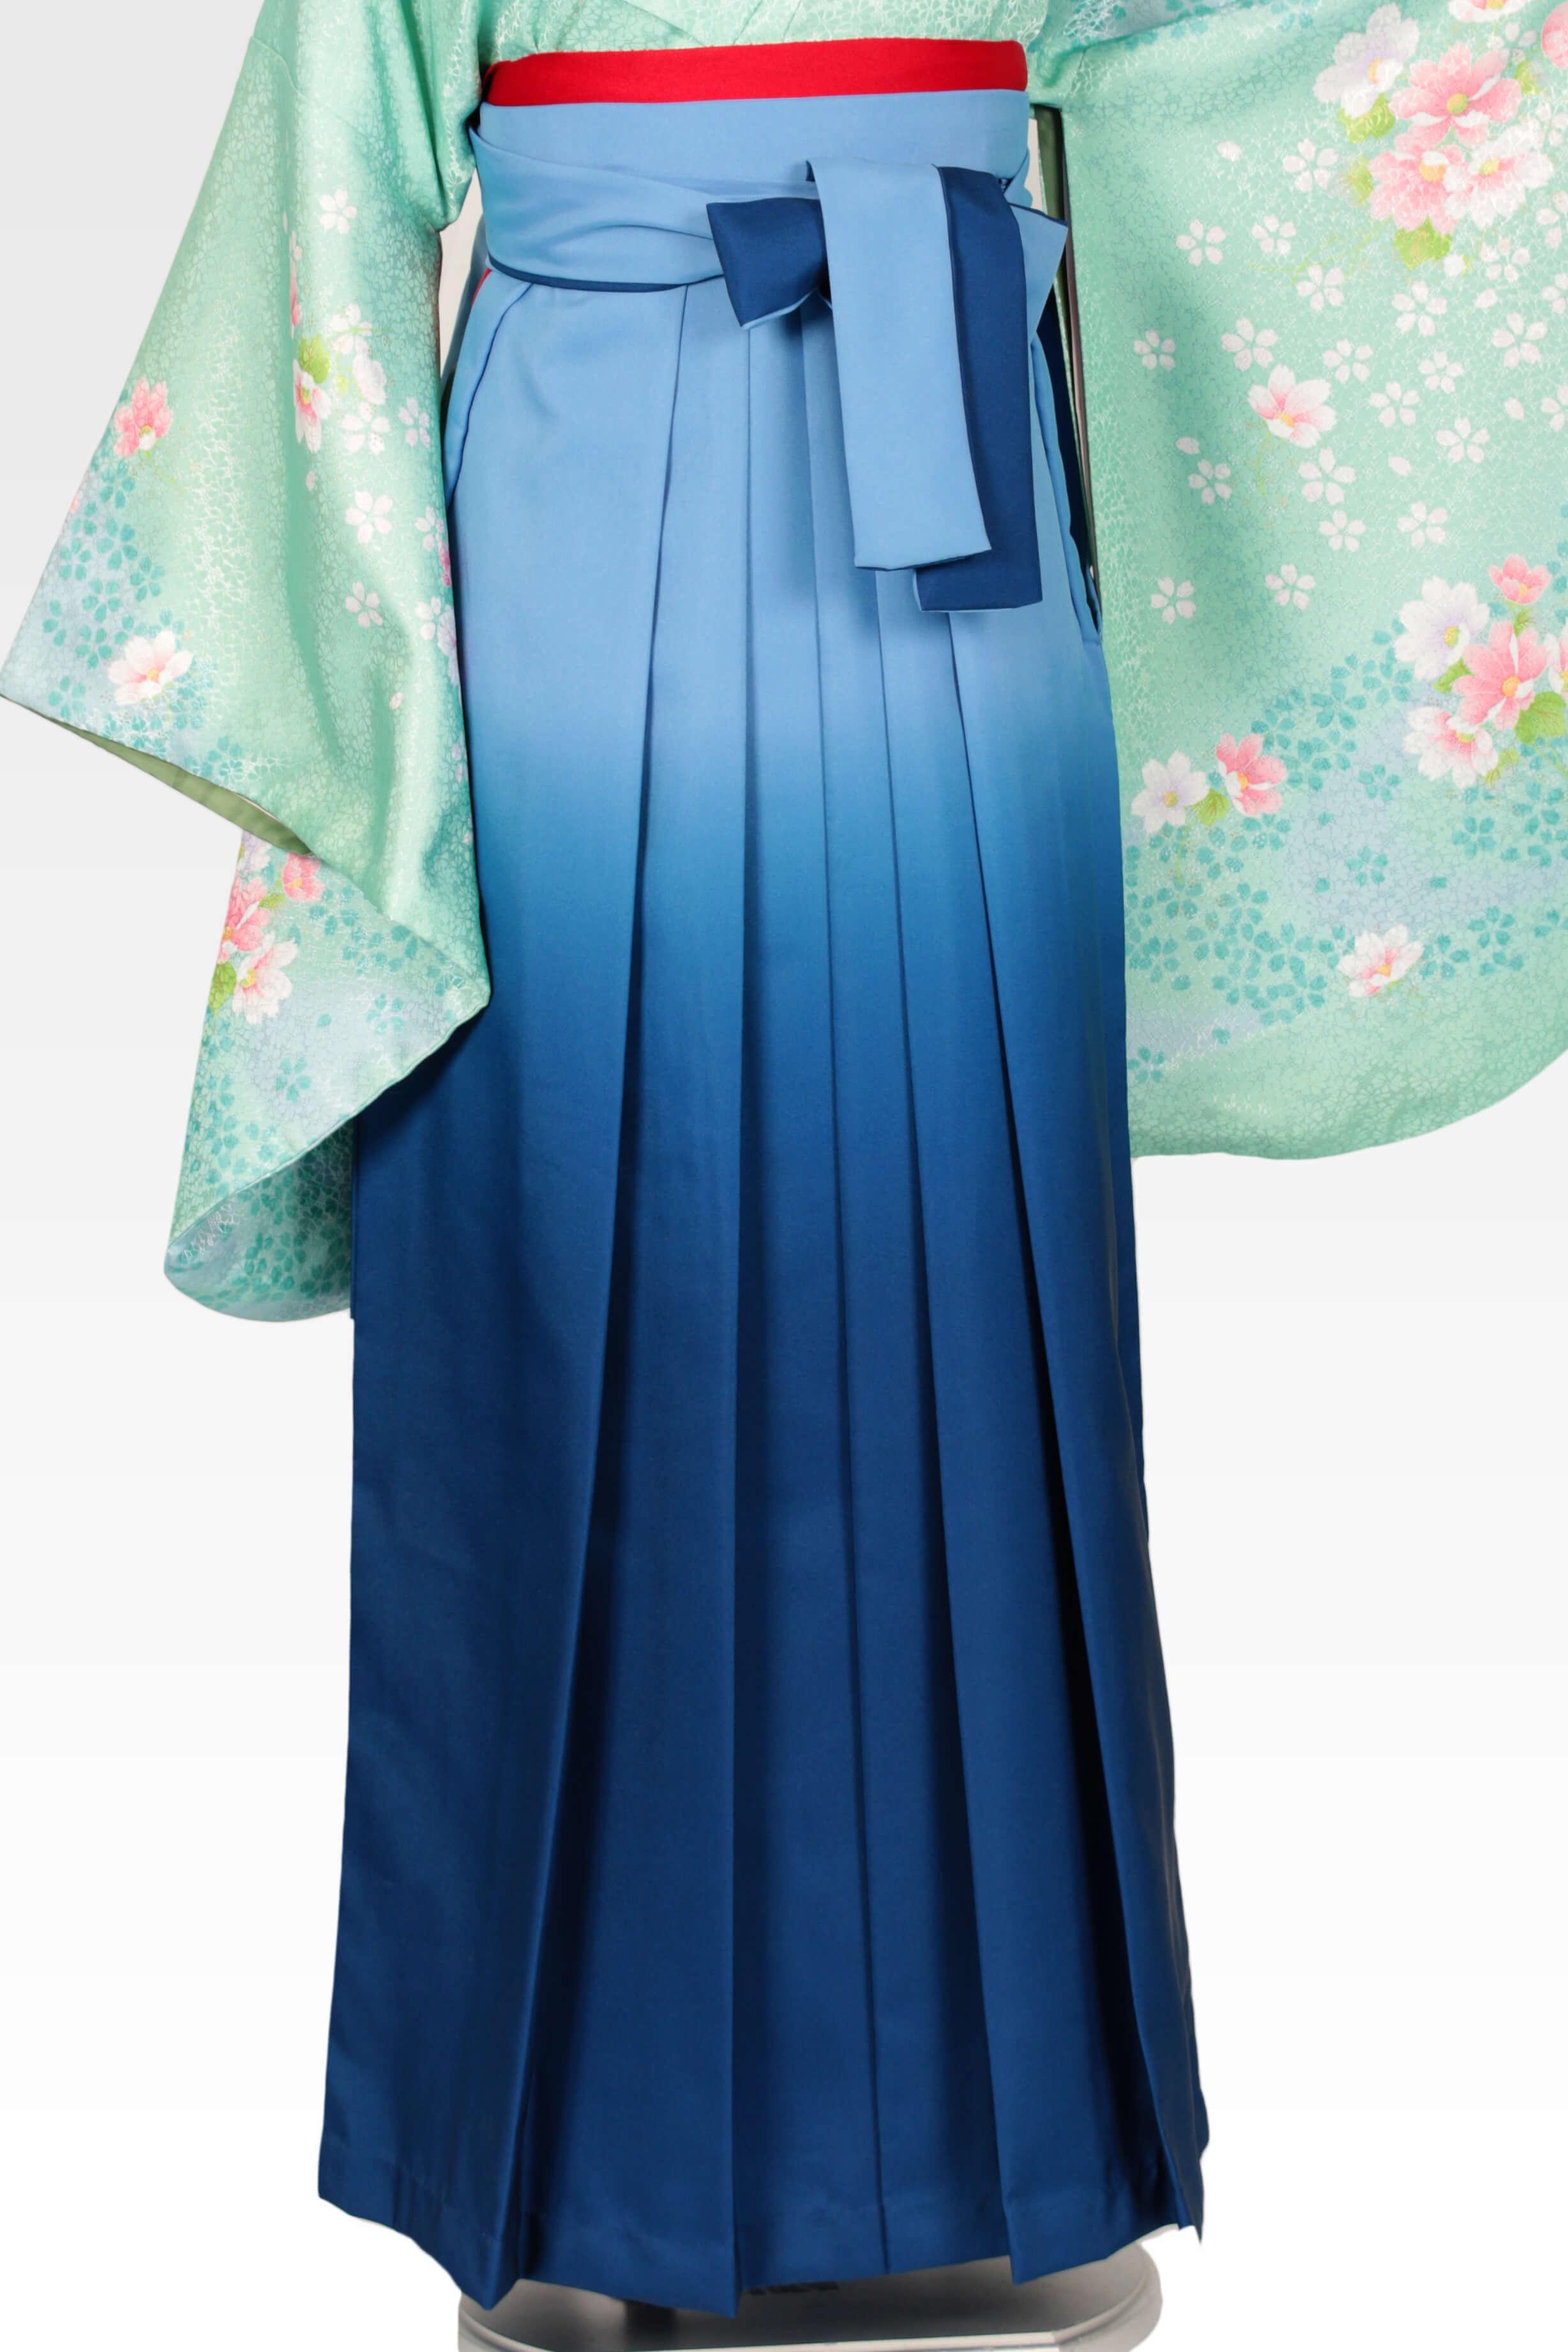 レンタル袴:ブルーボカシ